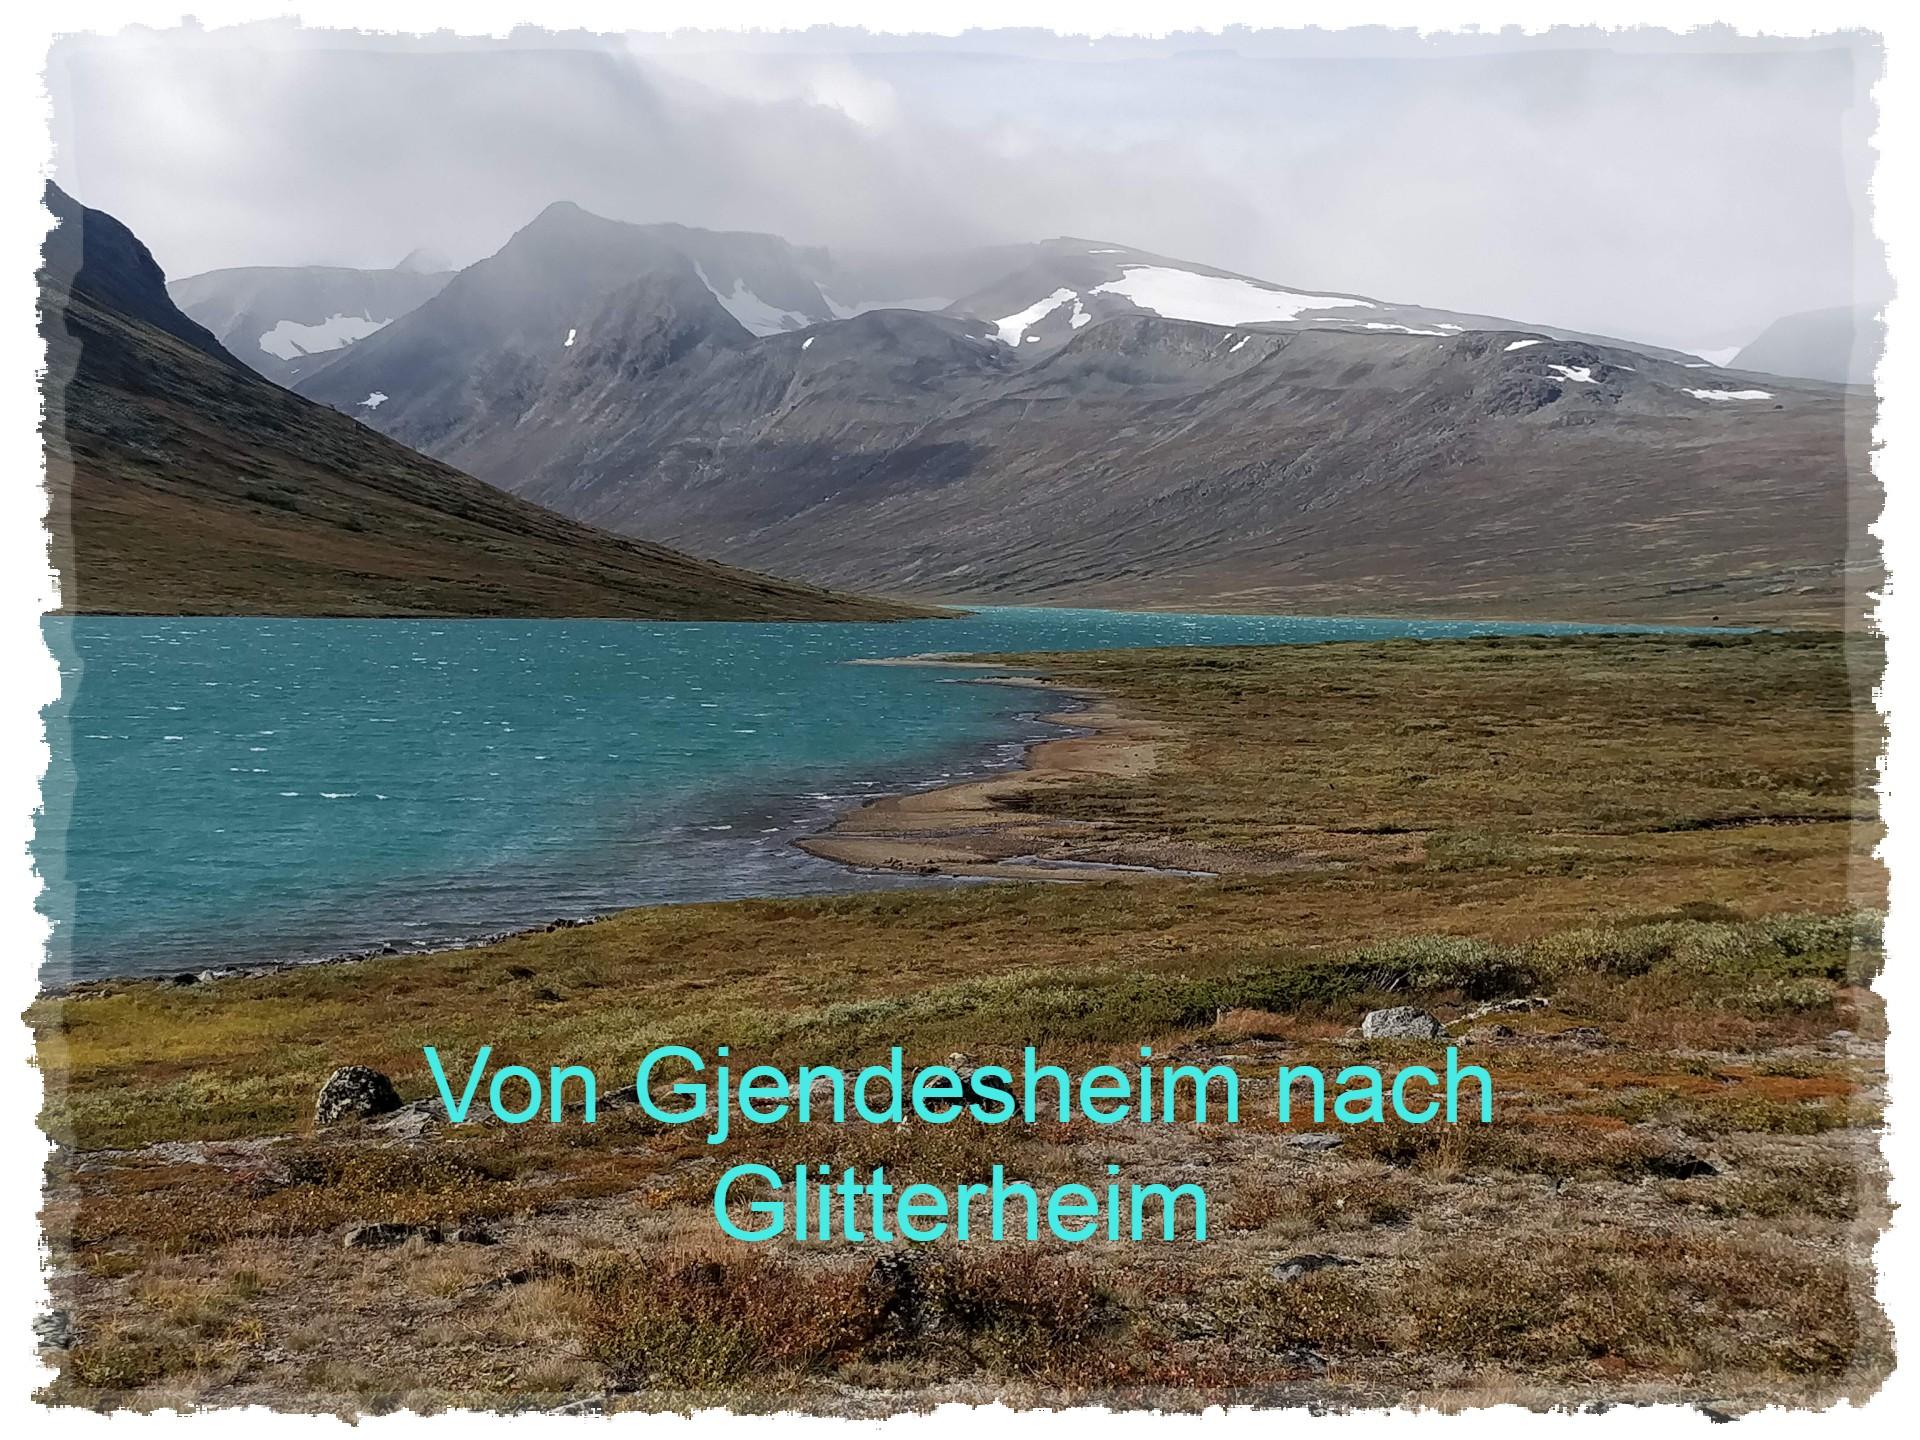 08.09.20 Von Gjendesheim nach Glitterheim